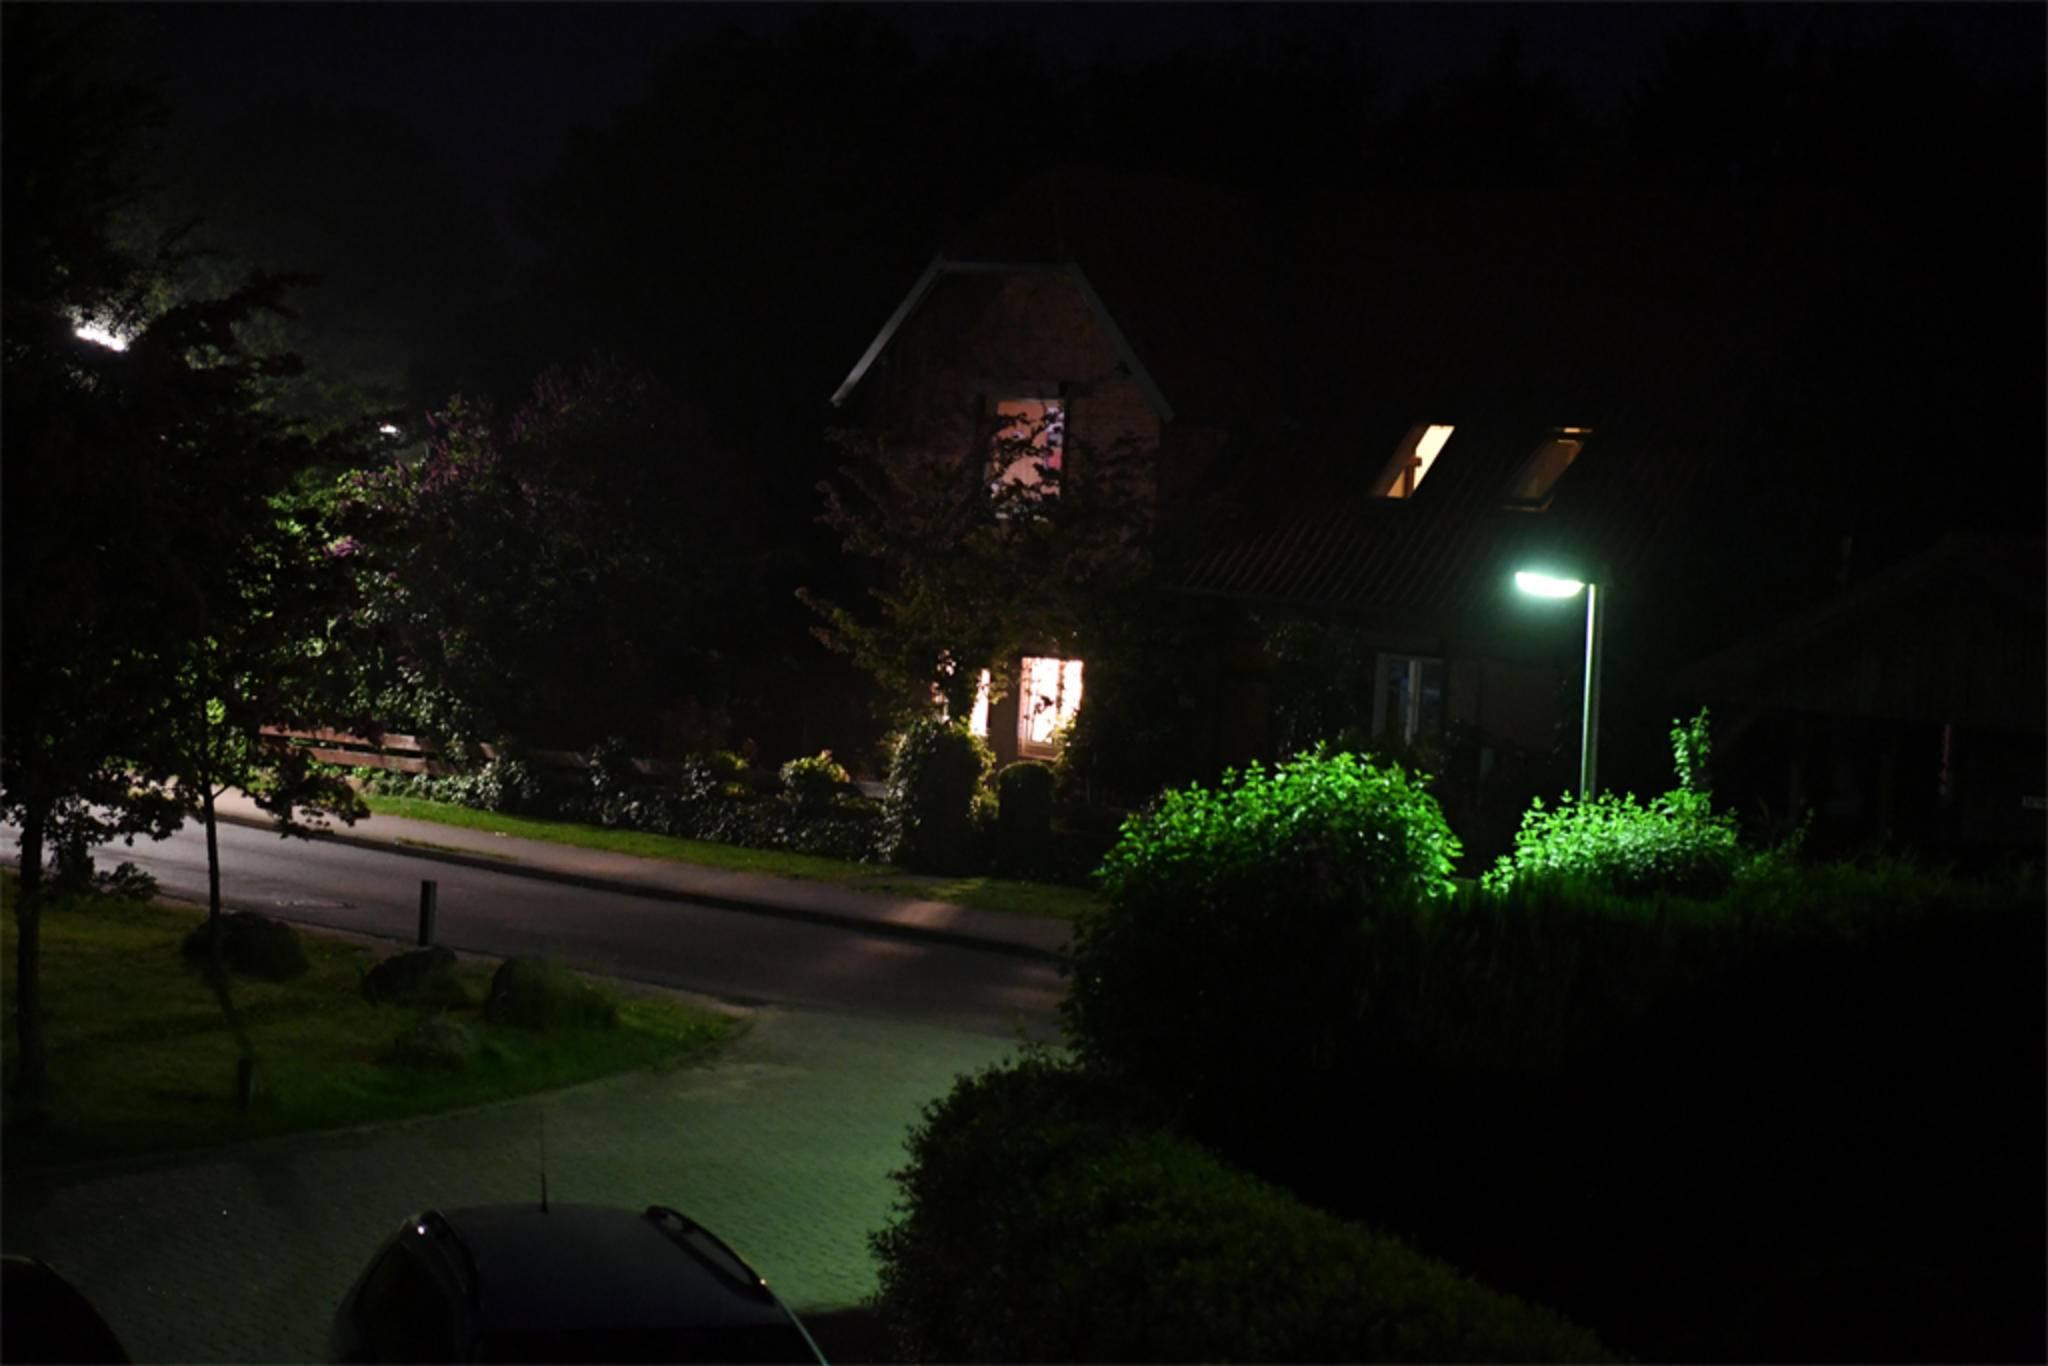 Auch in der Dunkelheit kann die Nikon D5 ihre Stärken ausspielen.